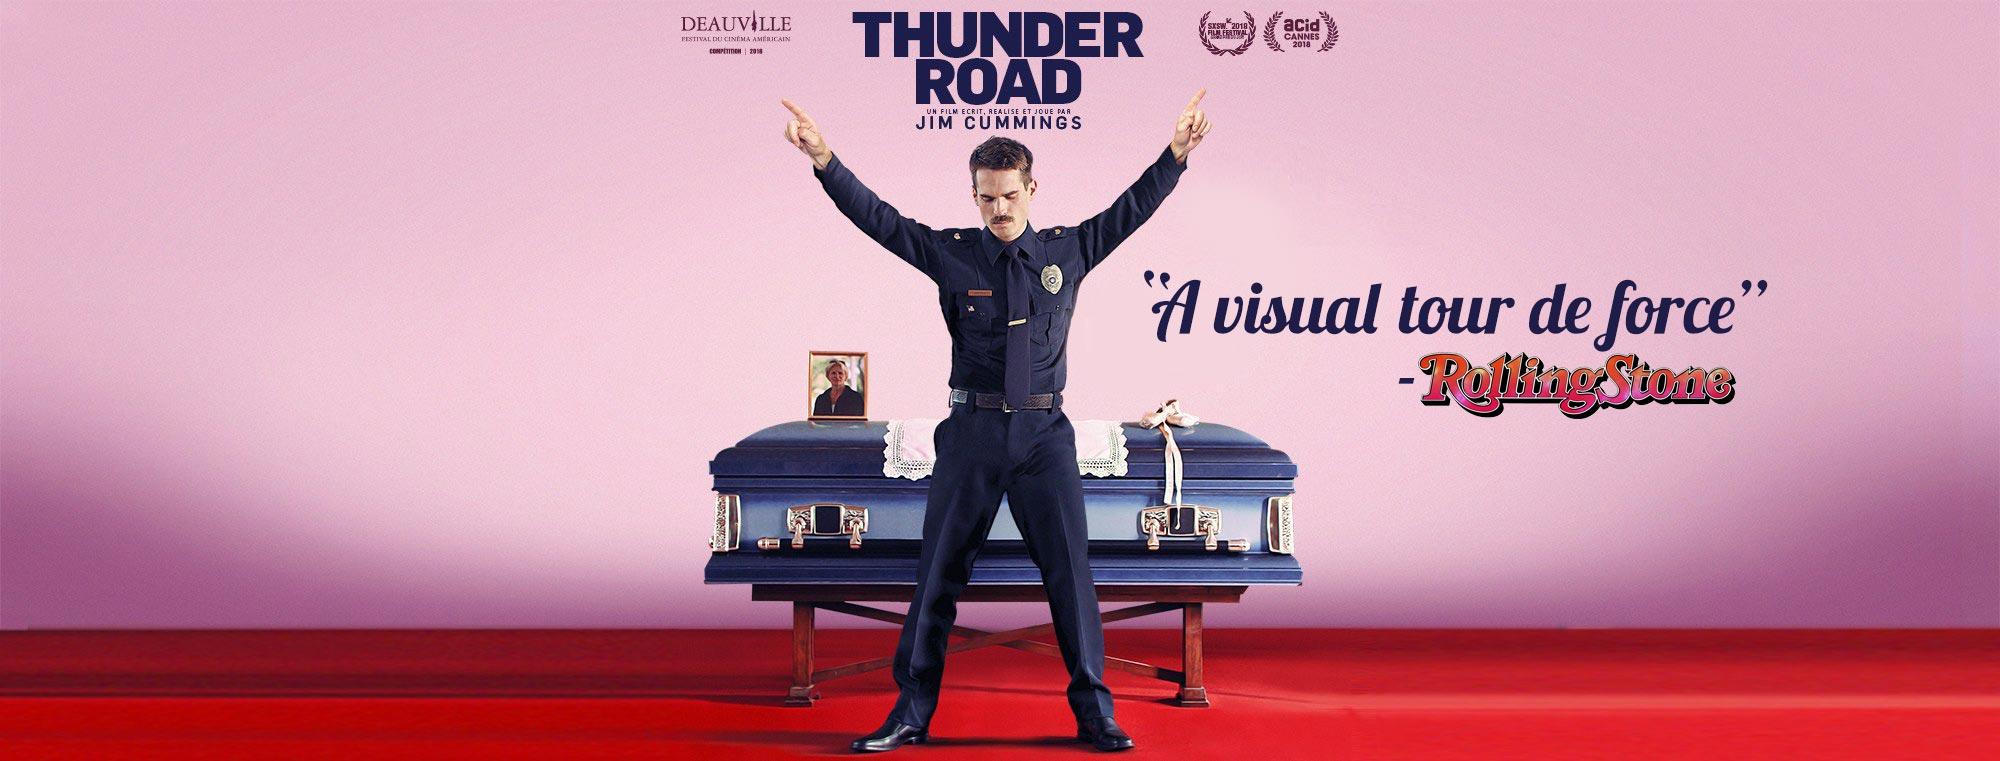 thunder-road-header-web.jpg